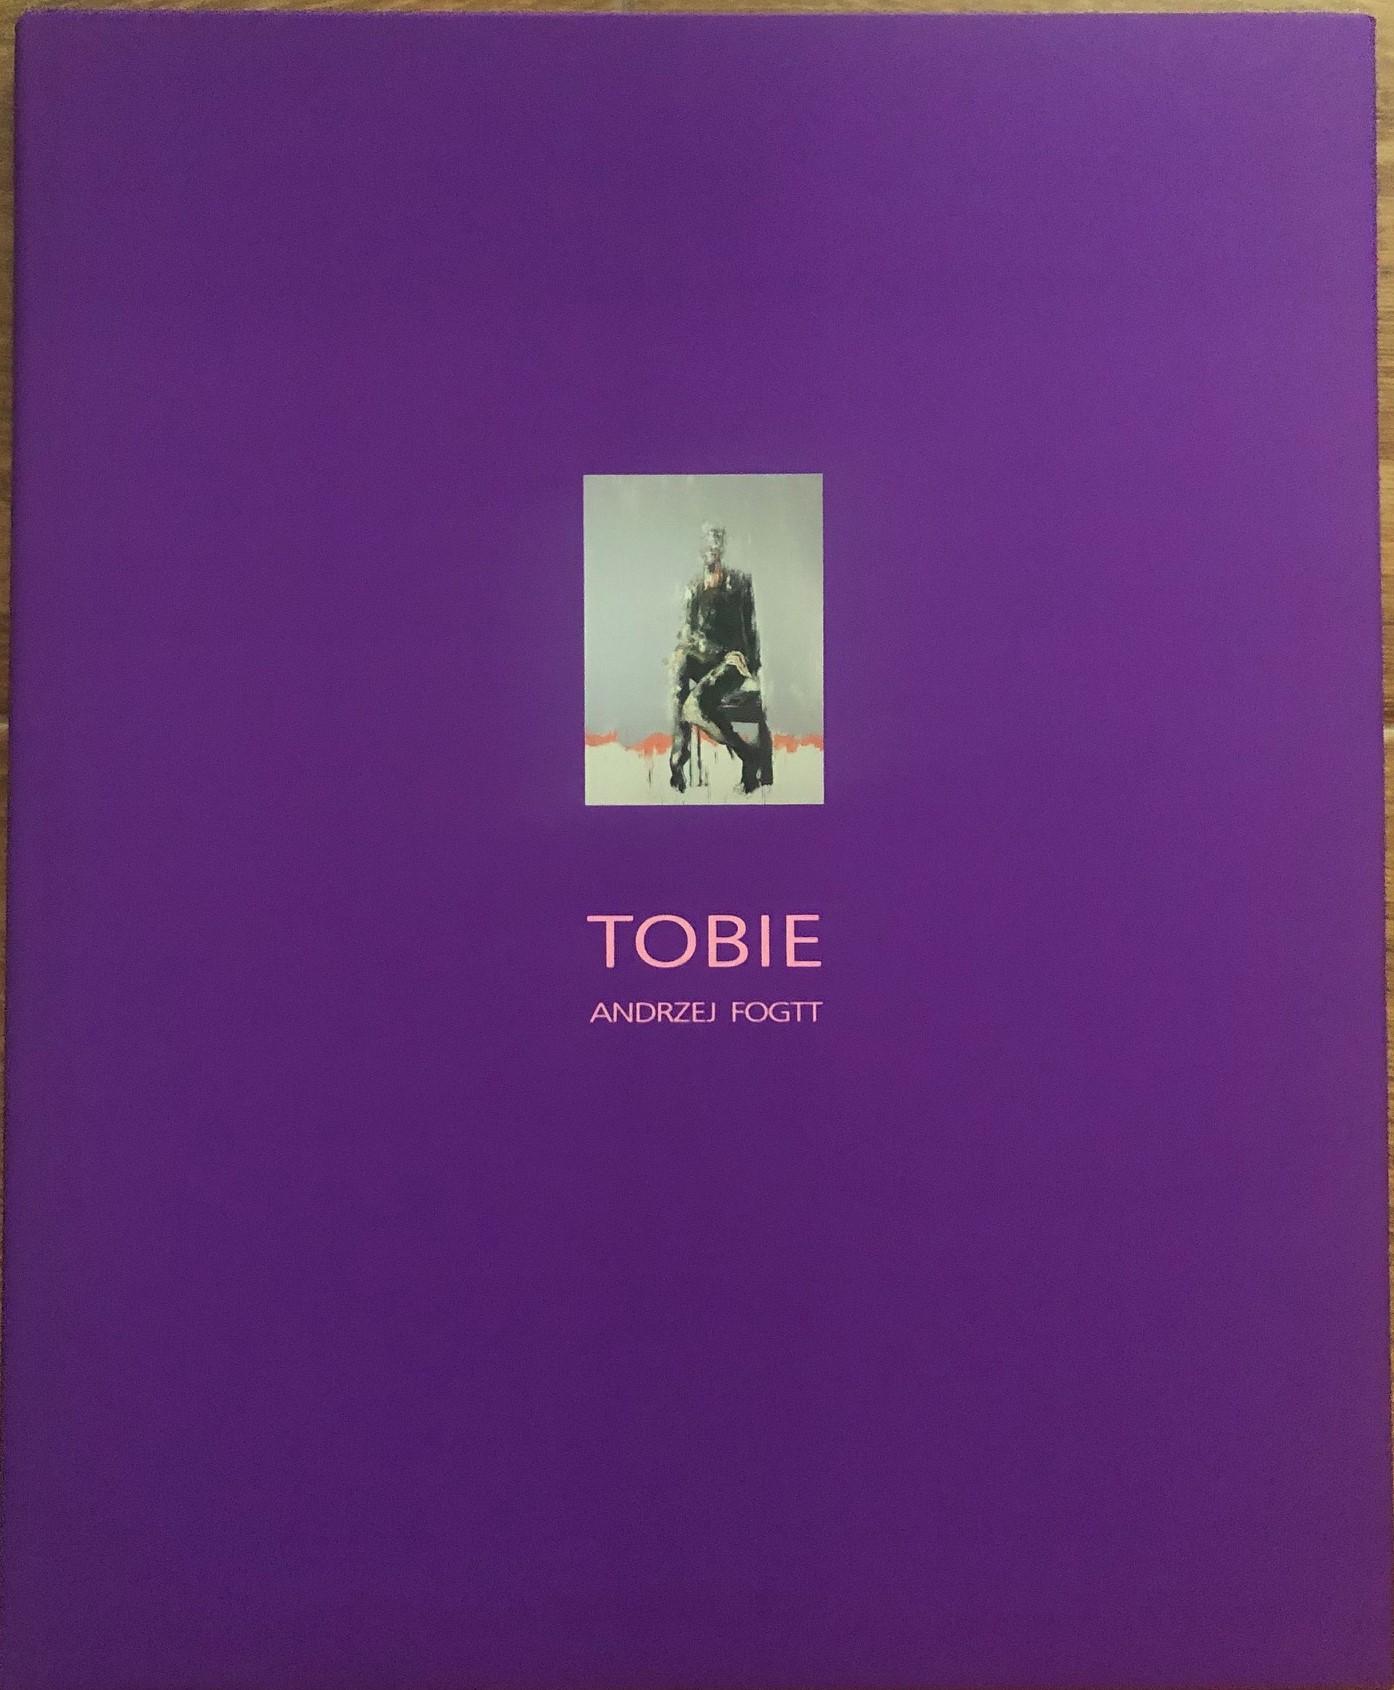 Album Tobie, 2016